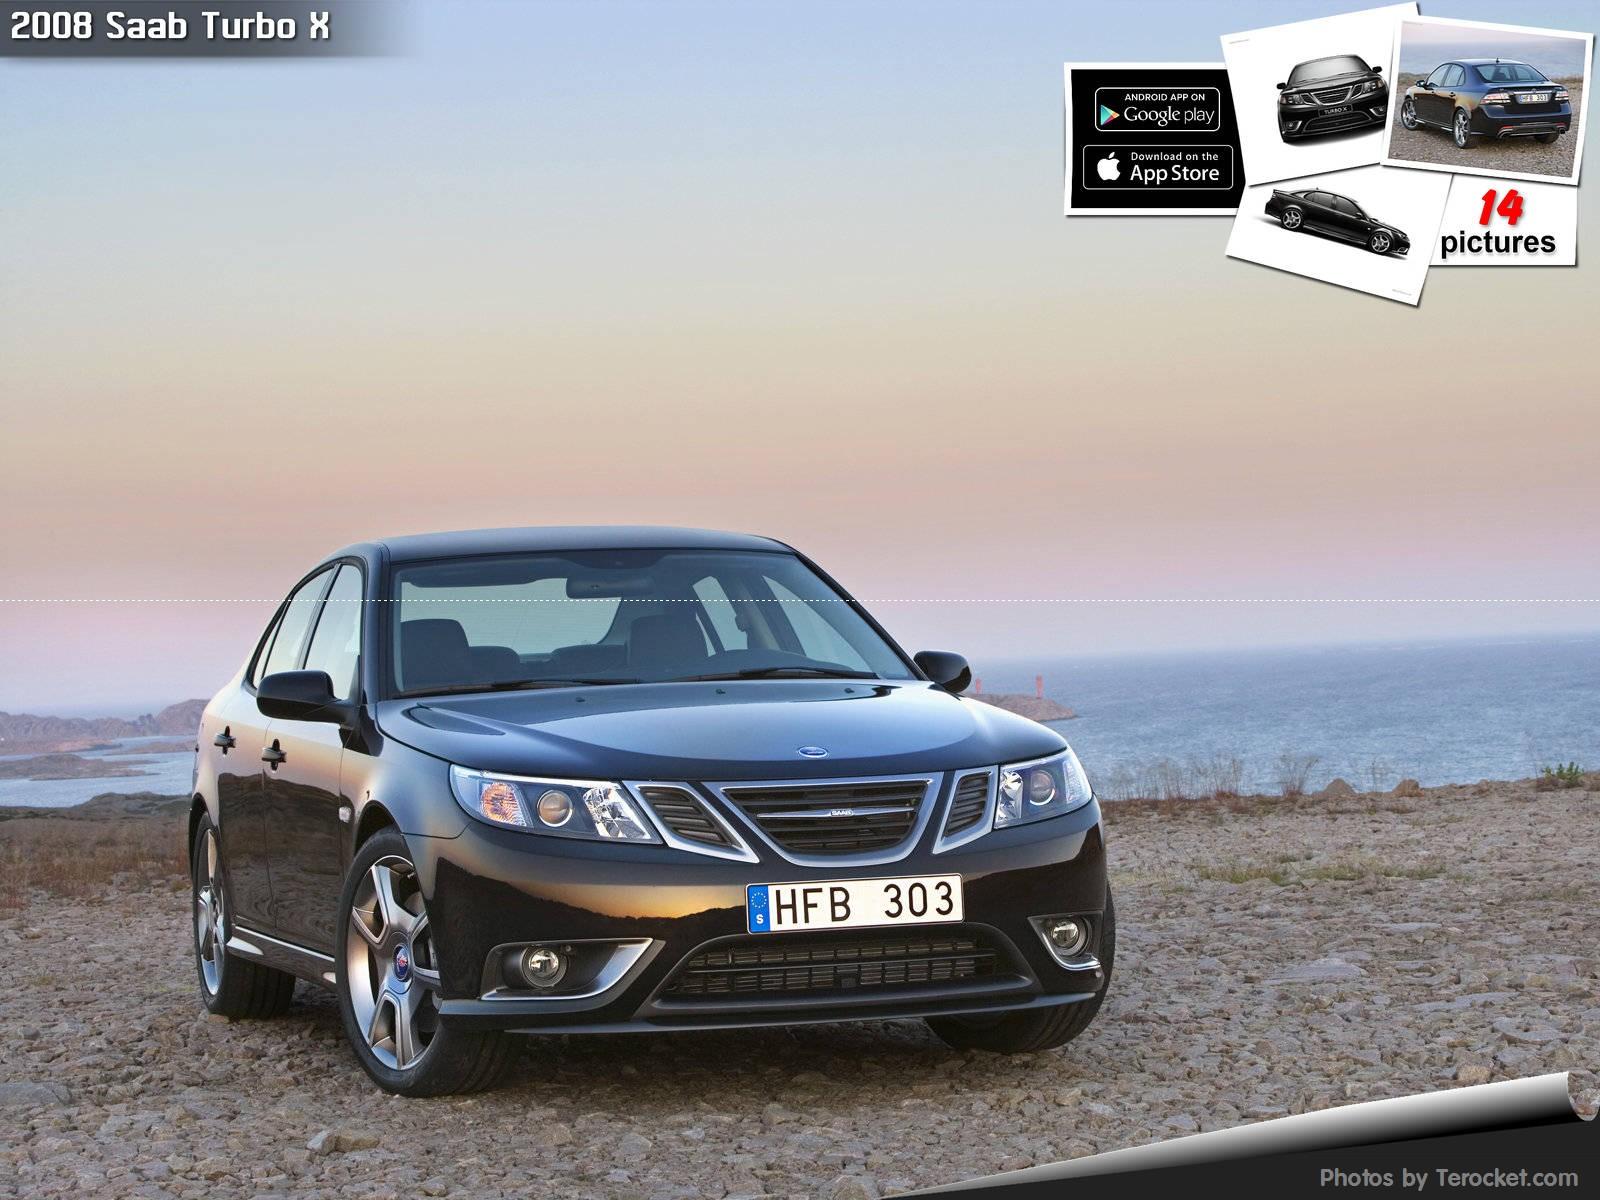 Hình ảnh xe ô tô Saab Turbo X 2008 & nội ngoại thất